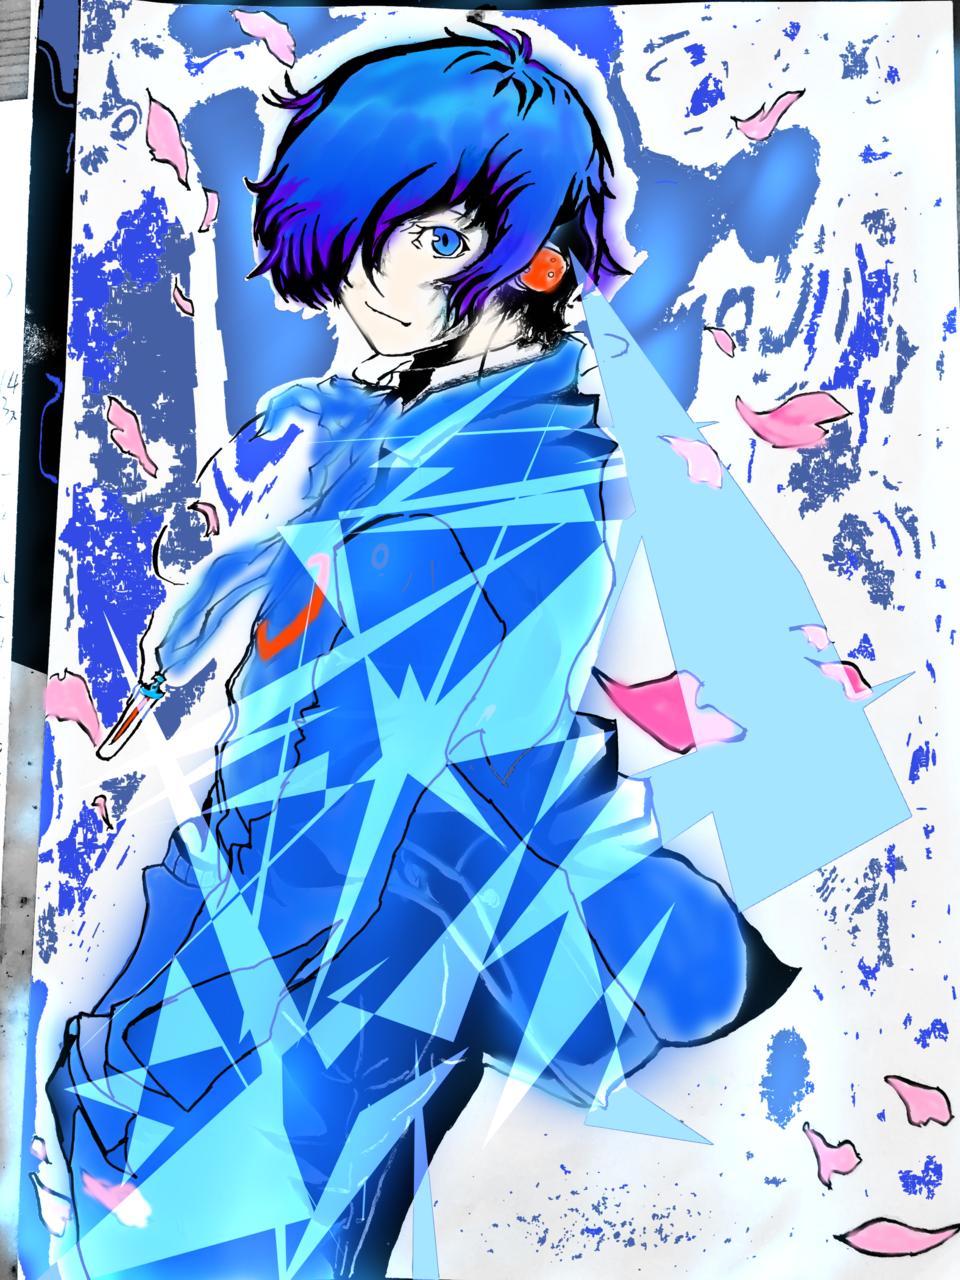 ペルソナ3 イラストアレンジ 暖haru Illustrations Art Street By